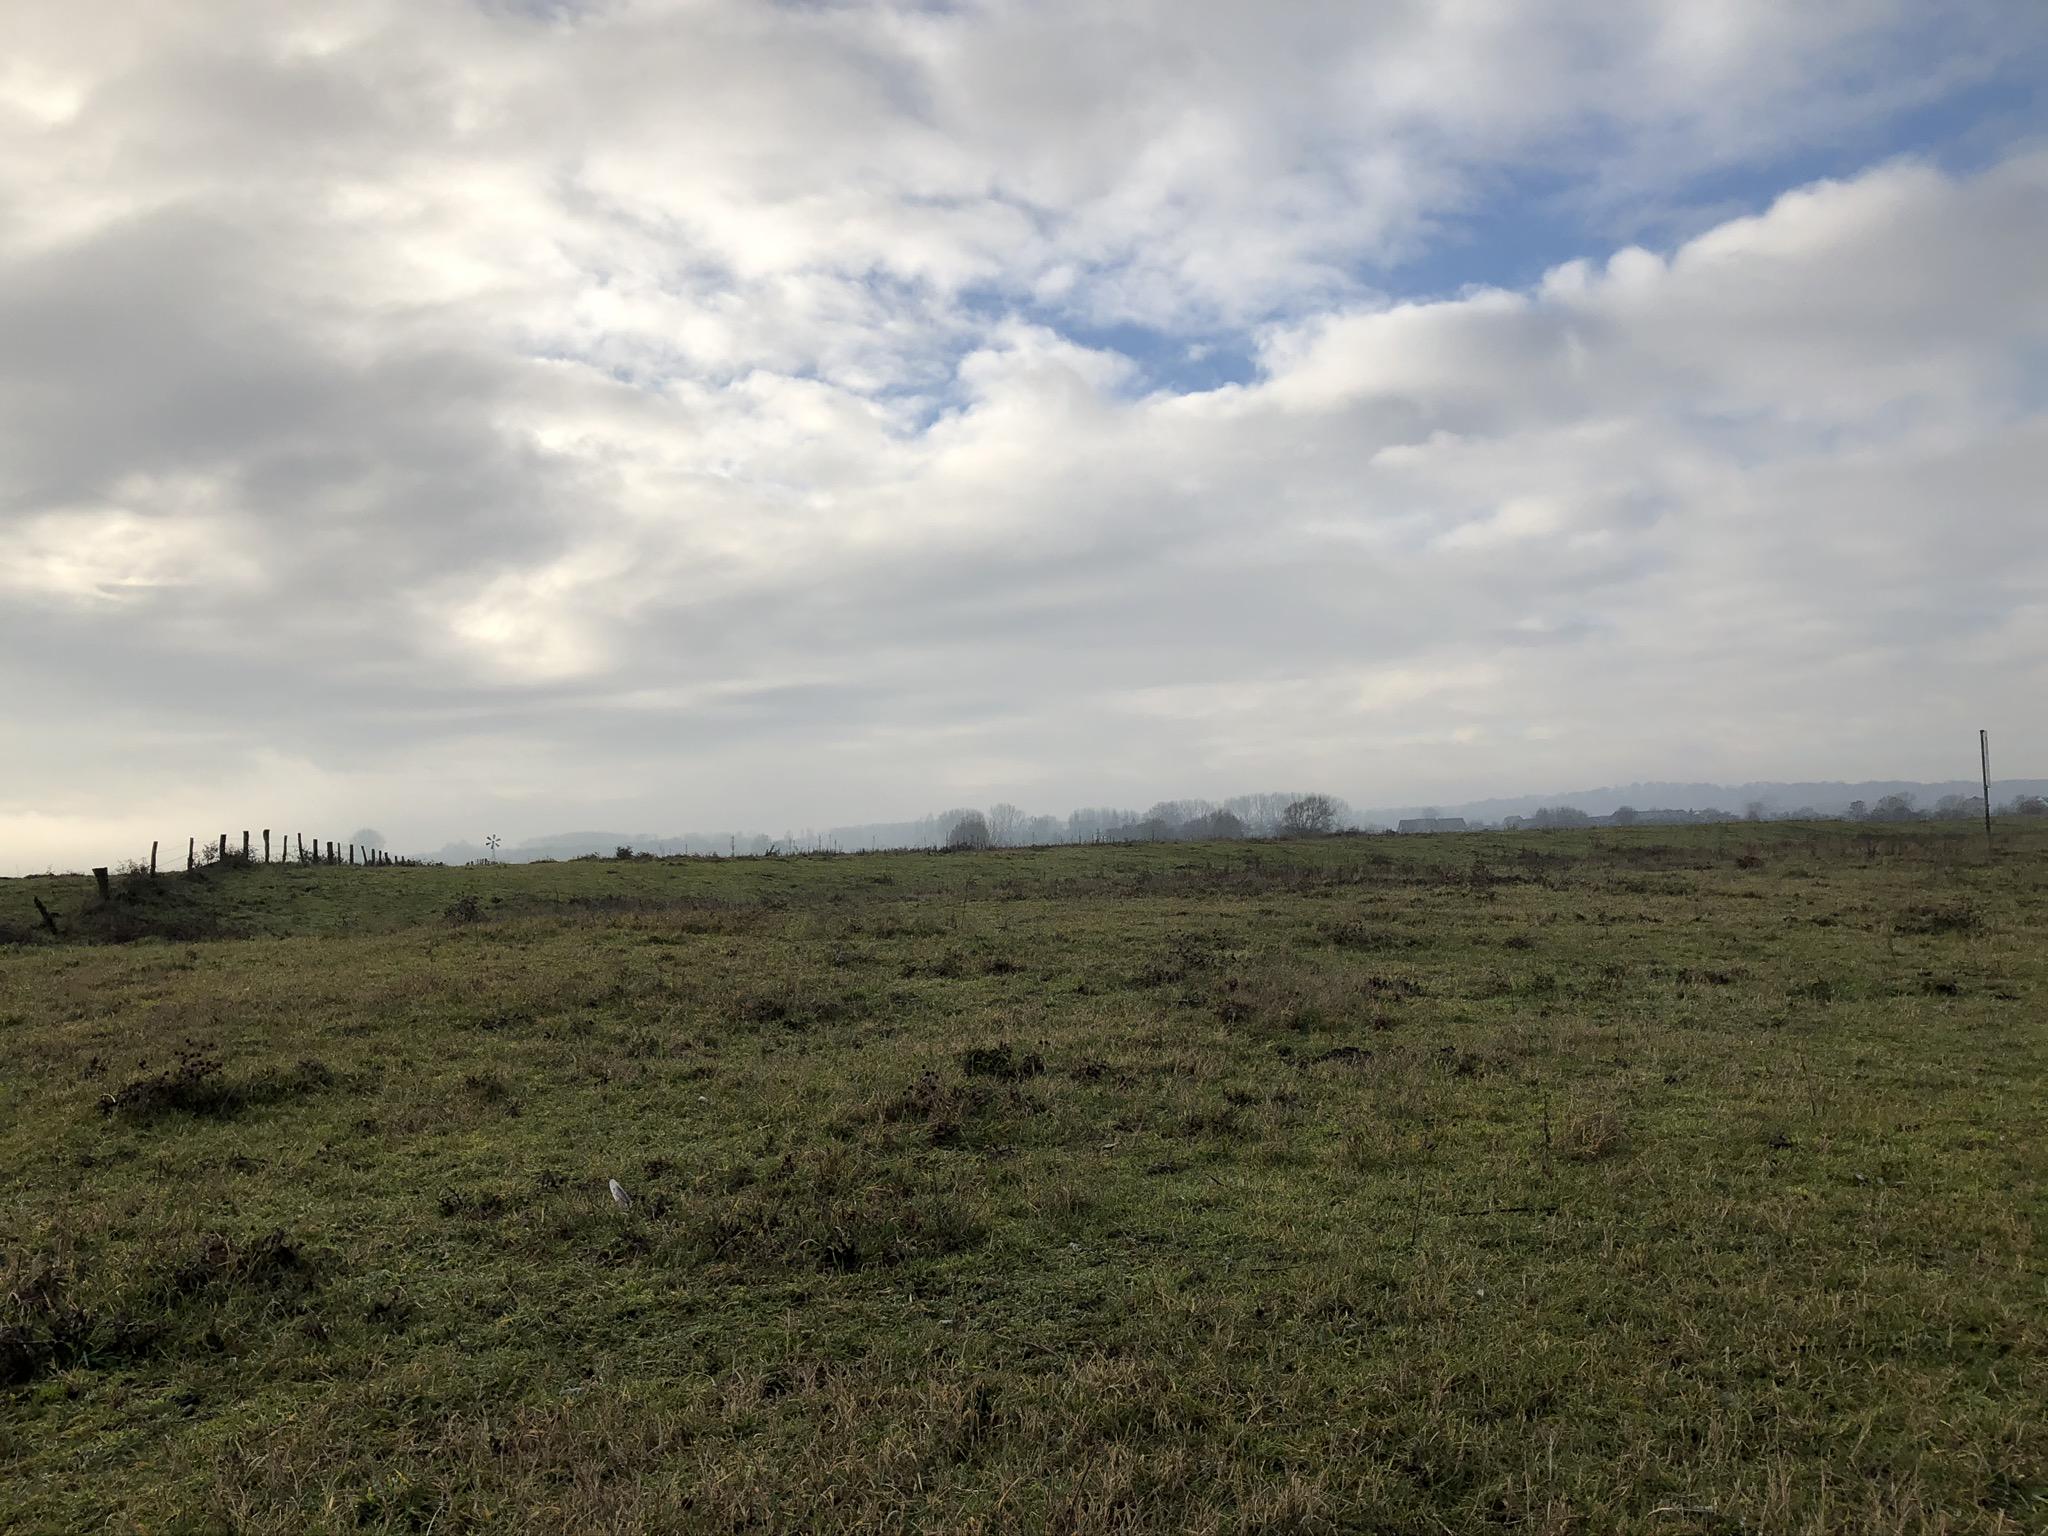 Felder und Wolkenschauspiel auf der Bislicher Insel in Xanten im Ruhrgebiet